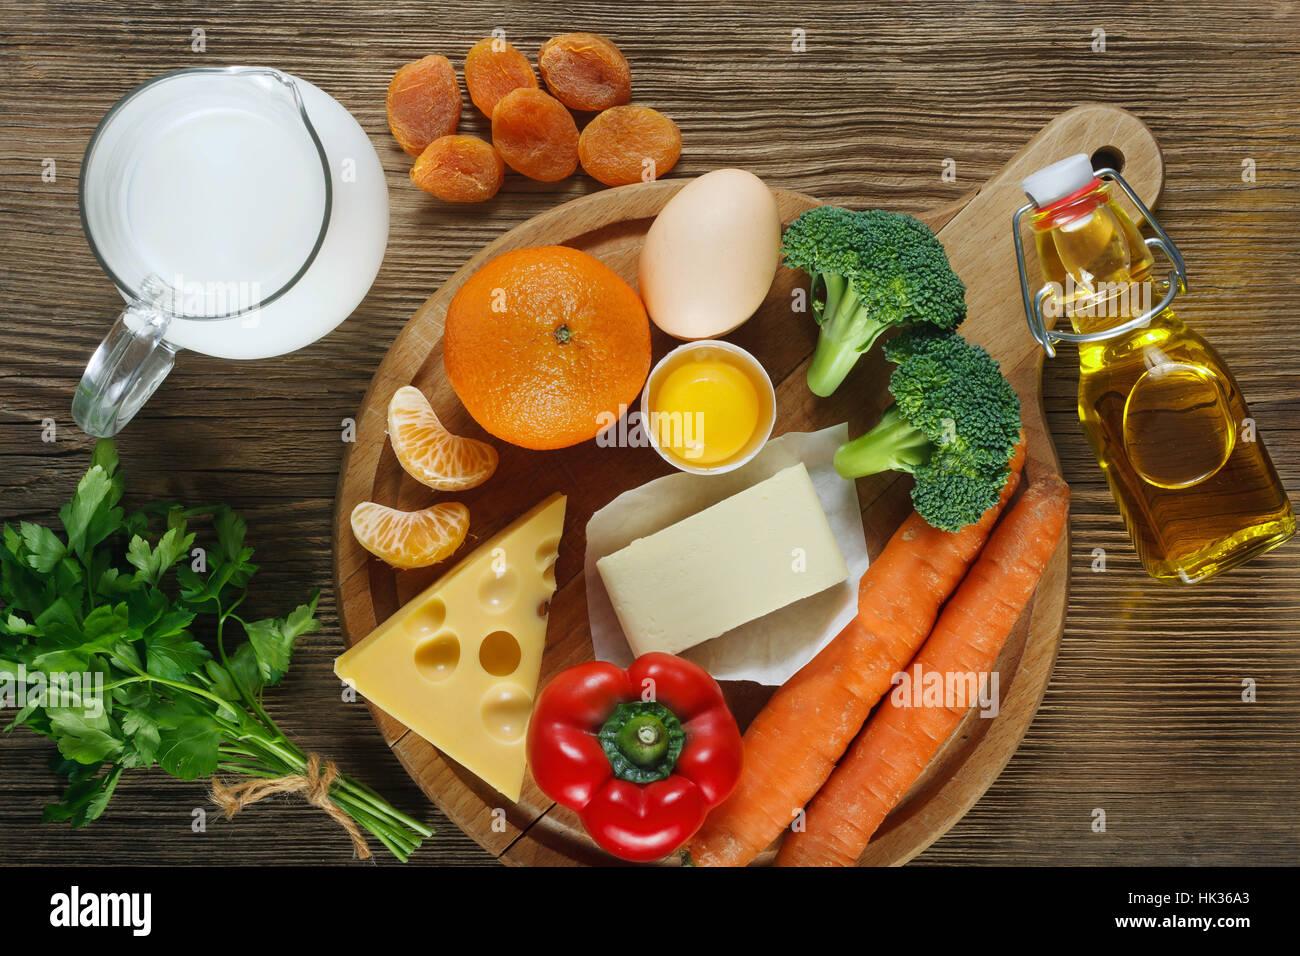 La vitamina A nel cibo. Immagini Stock